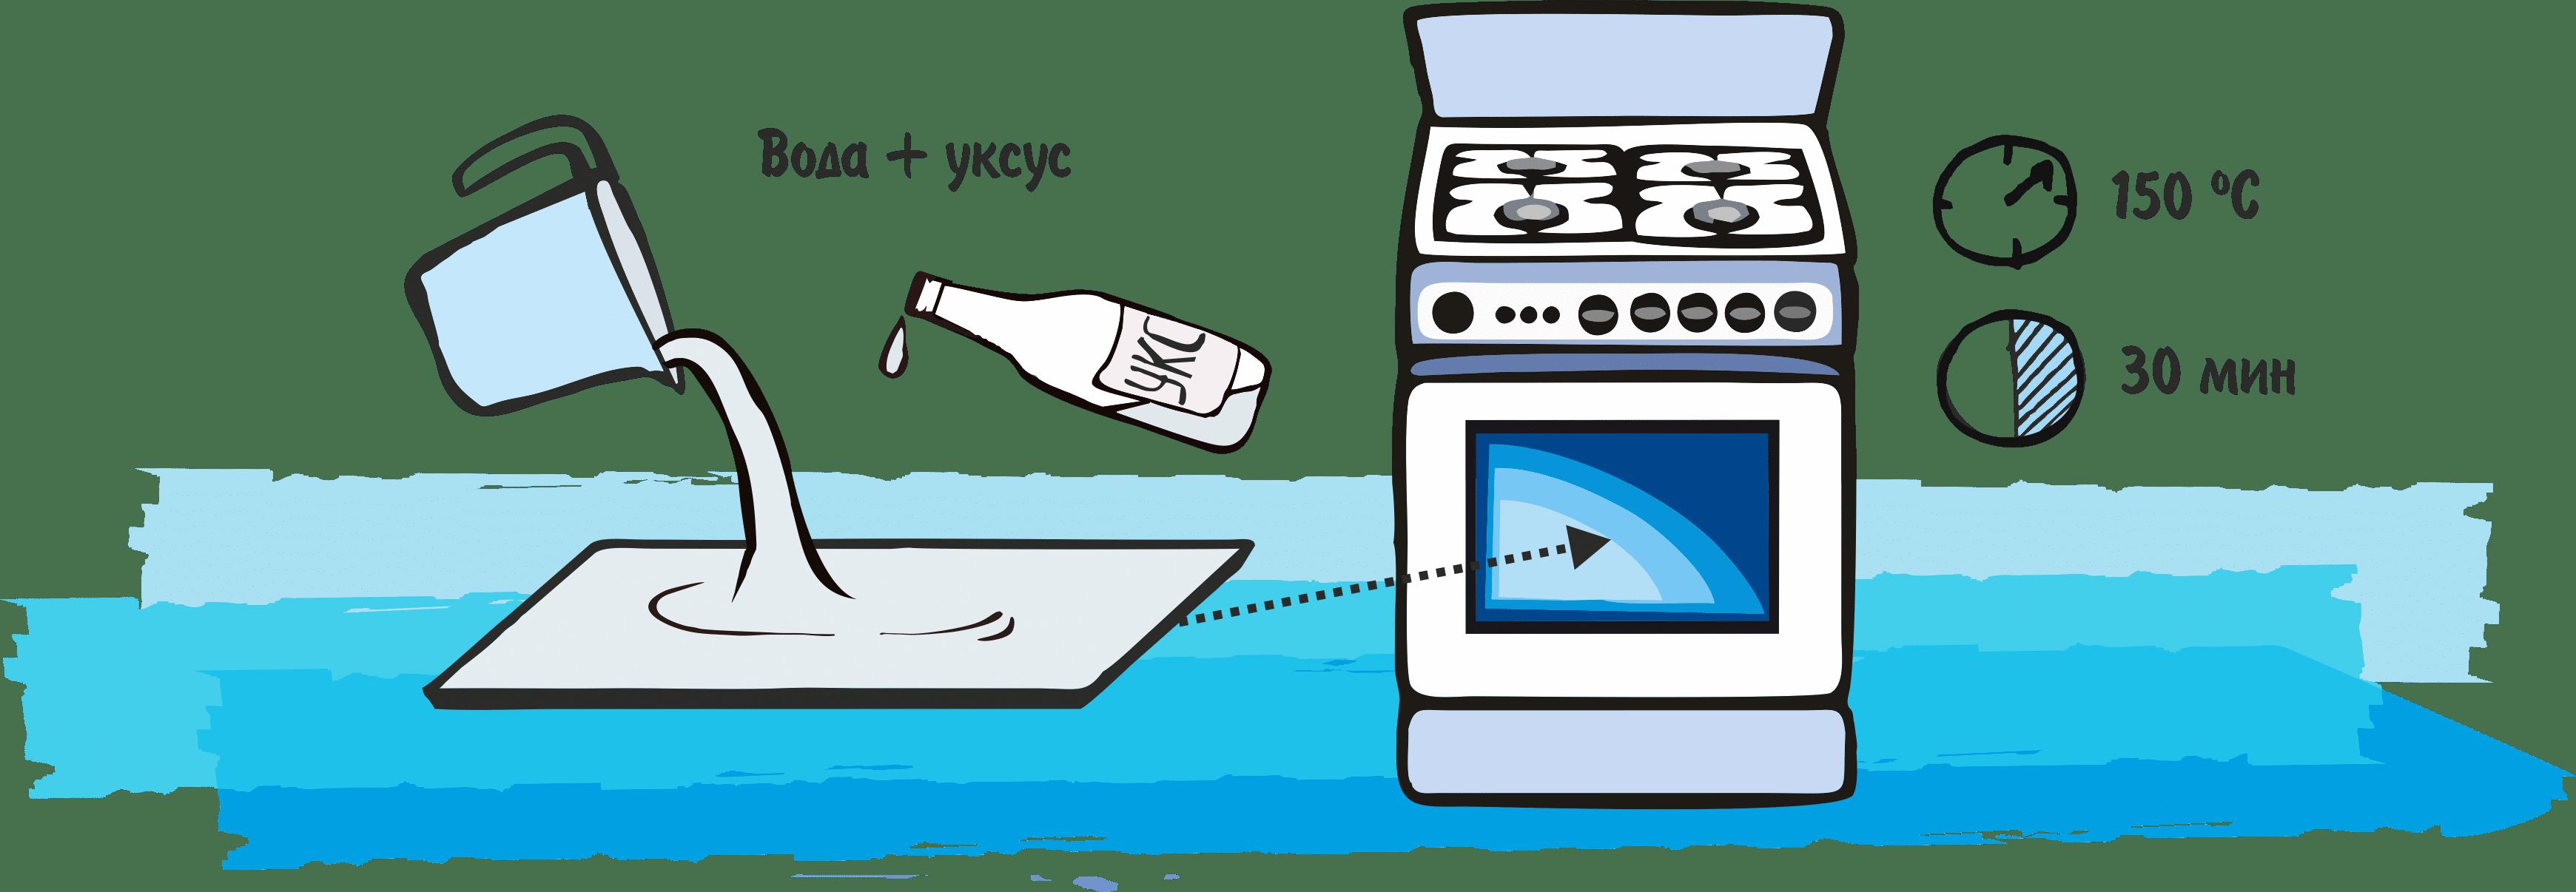 Как почистить духовку от жира и нагара уксусом